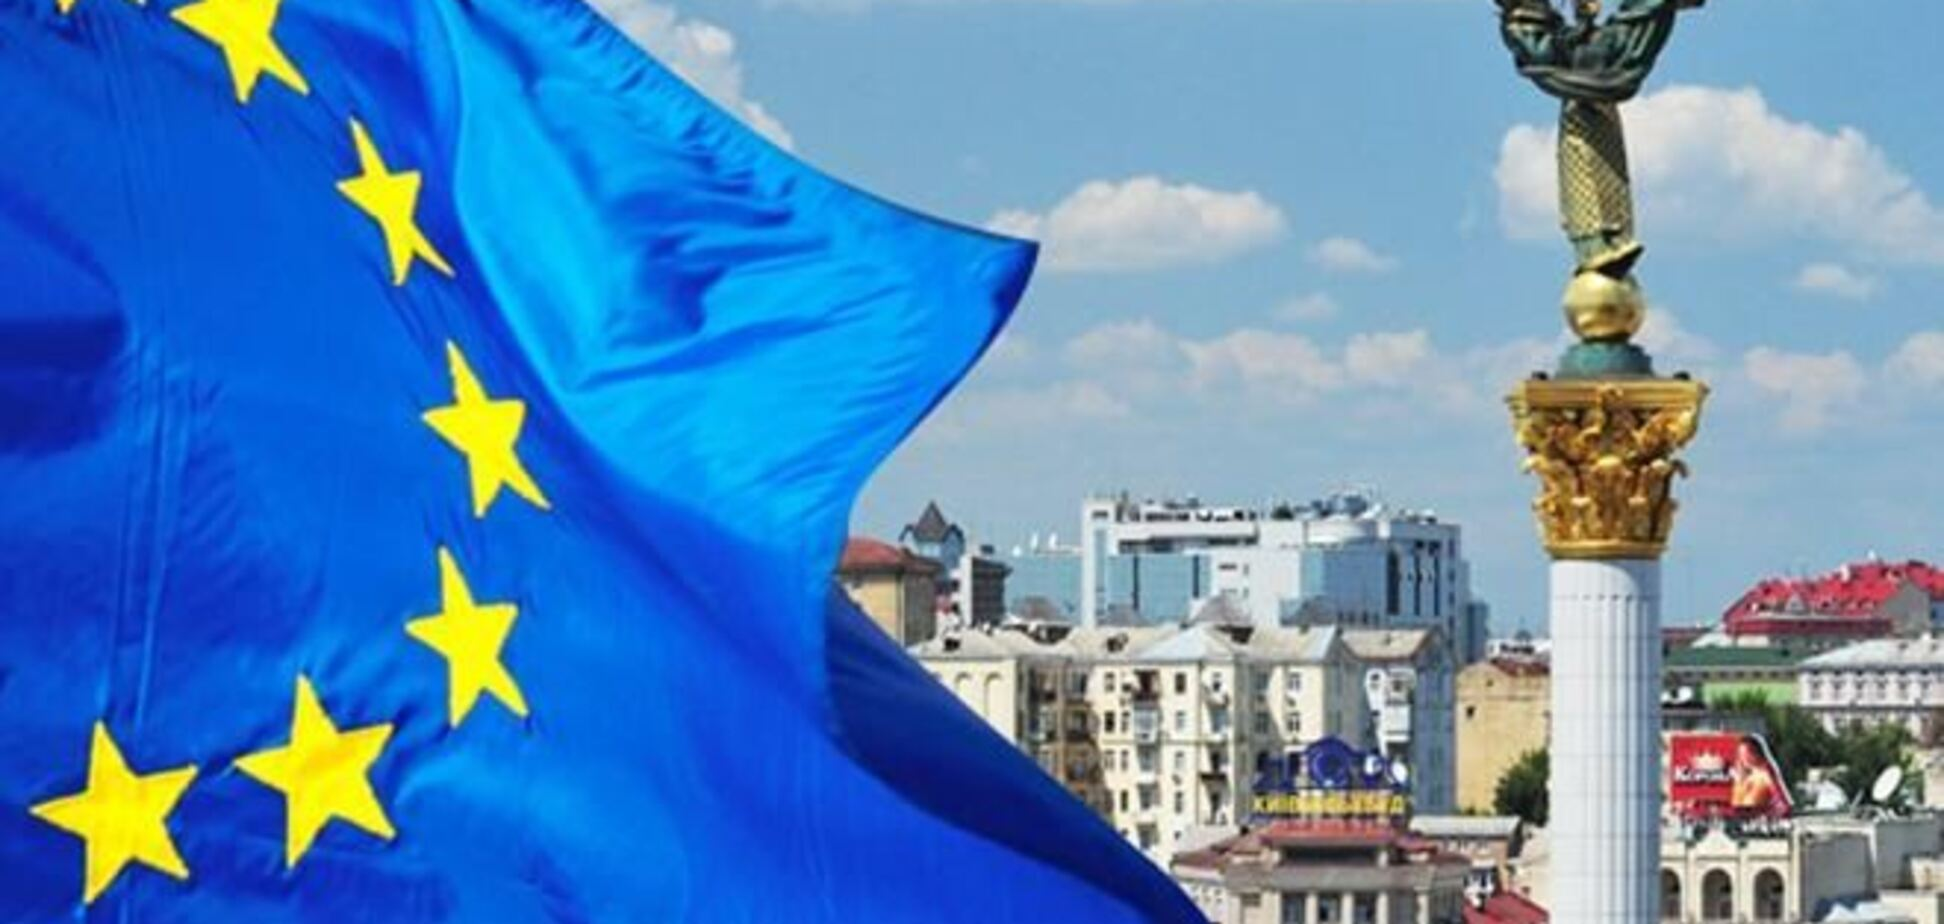 Україні ніхто не пропонував членства в ЄС - британський парламентарій